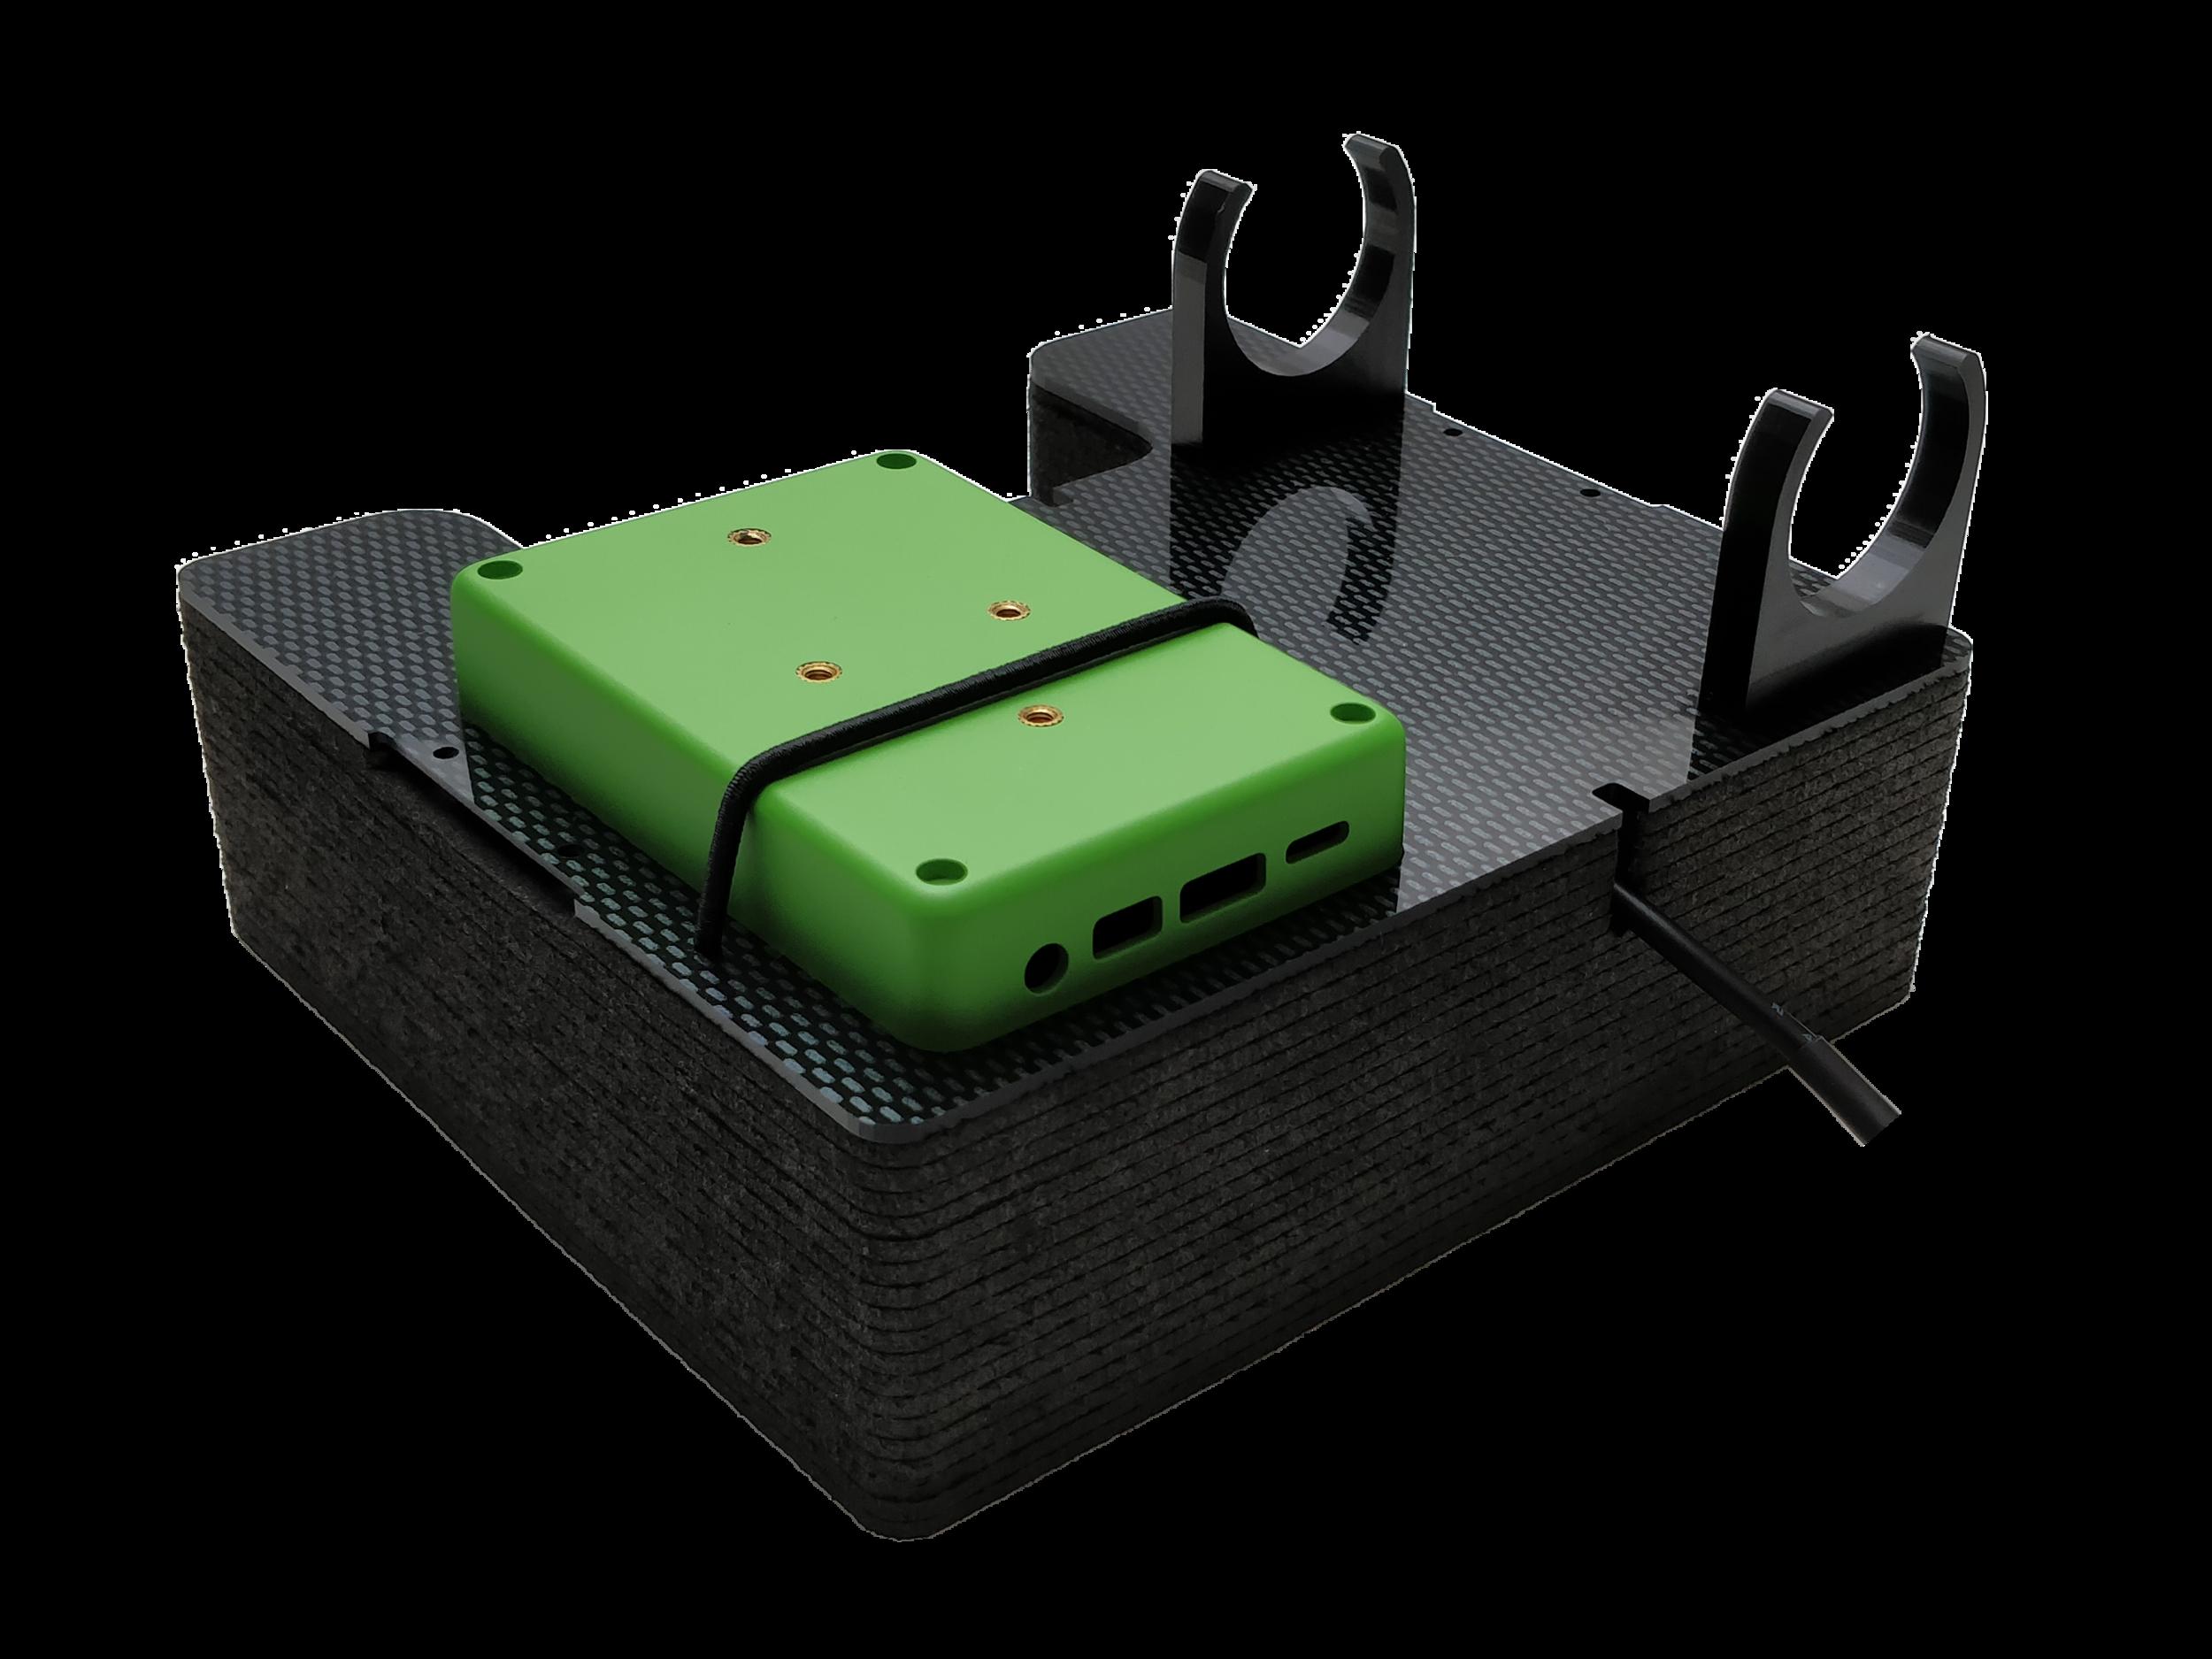 DJI P4 mounting system.